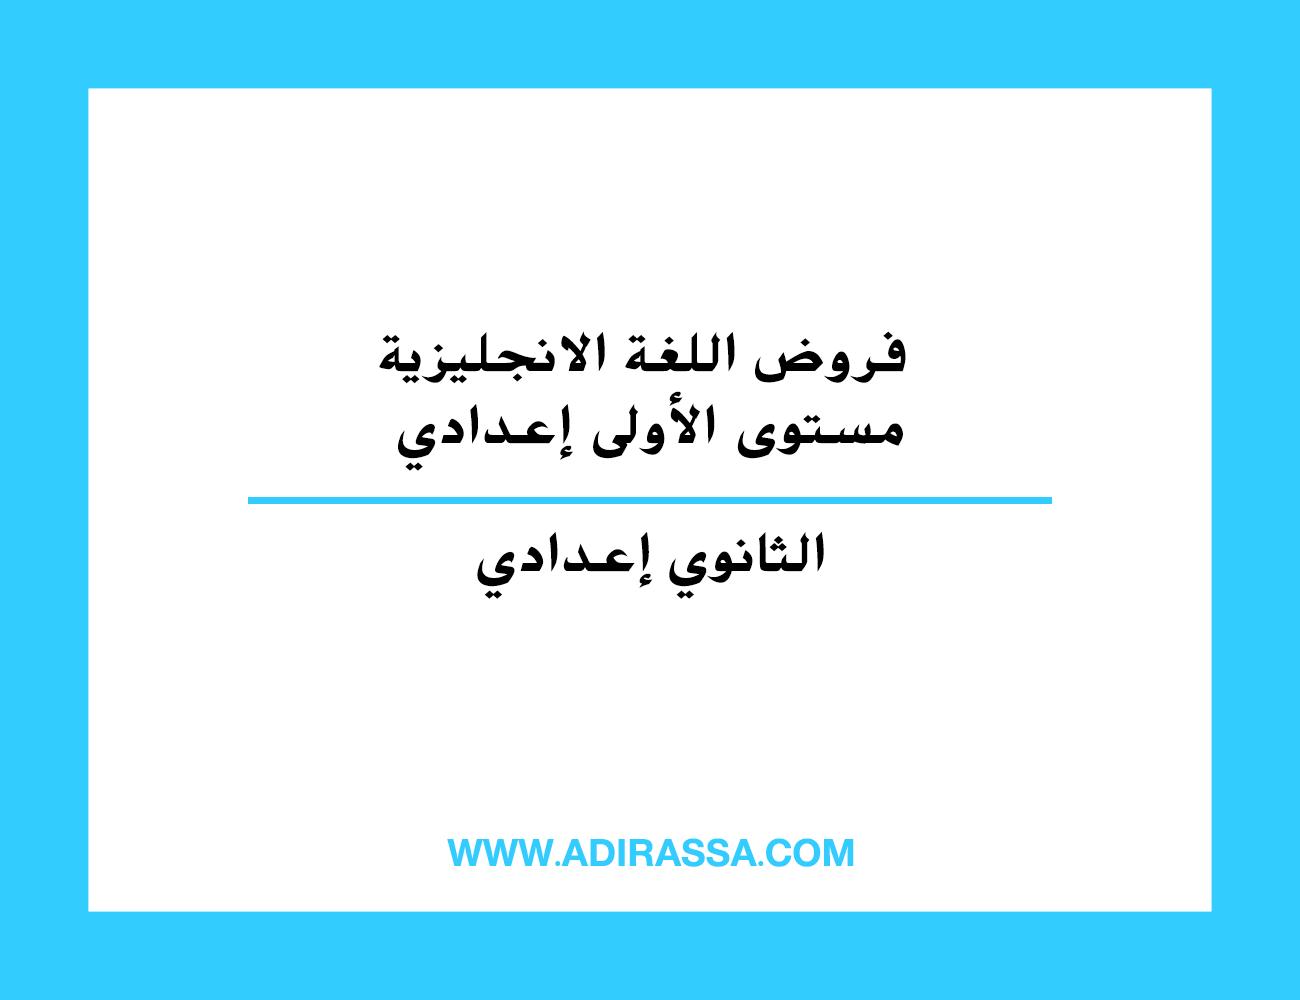 فروض اللغة الانجليزية مستوى الأولى إعدادي المقررة في المدرسة المغربية